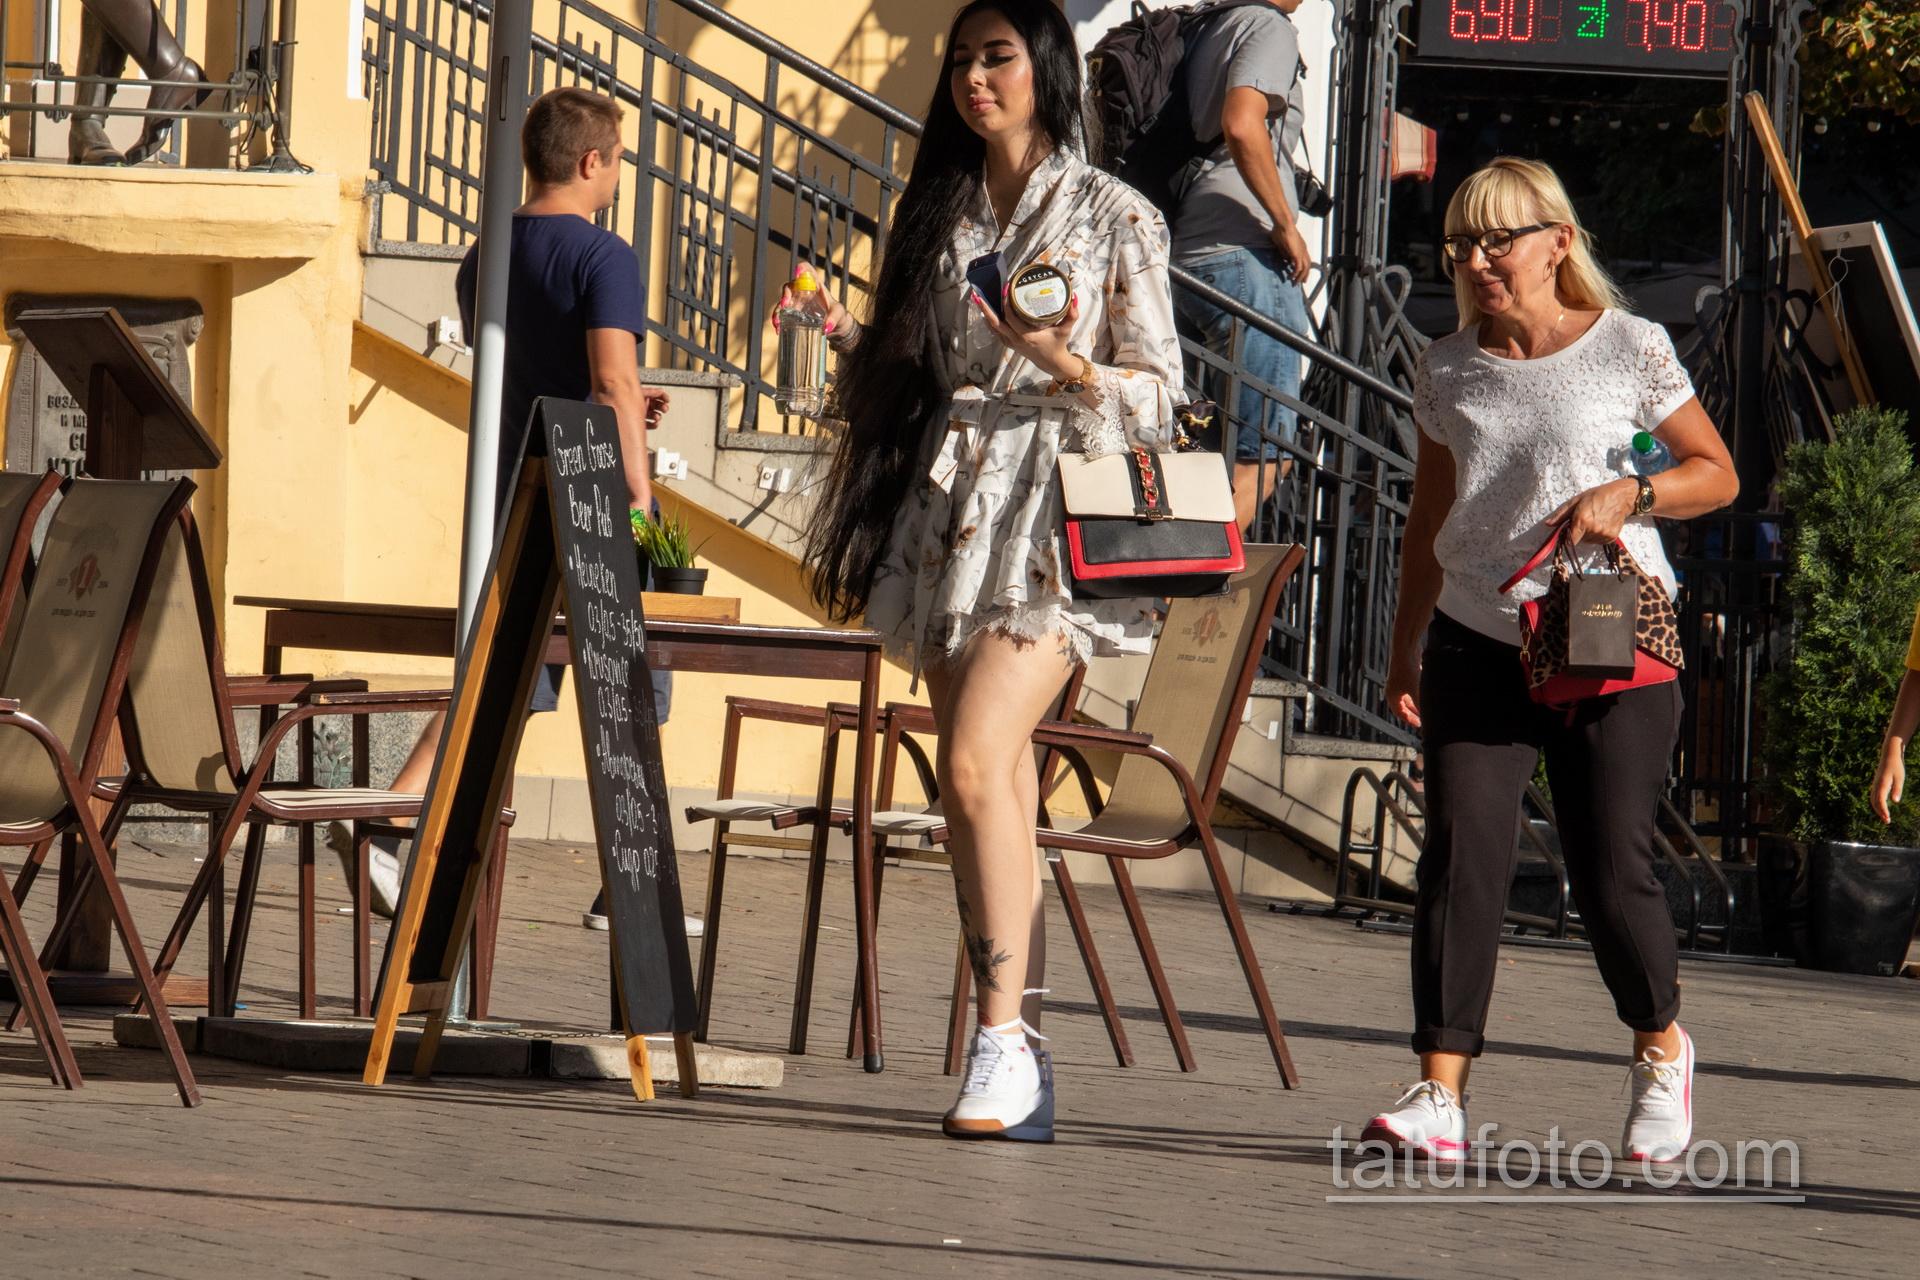 Тату с черно красными цветами внизу ноги девушки - Уличная татуировка 14.09.2020 – tatufoto.com 6